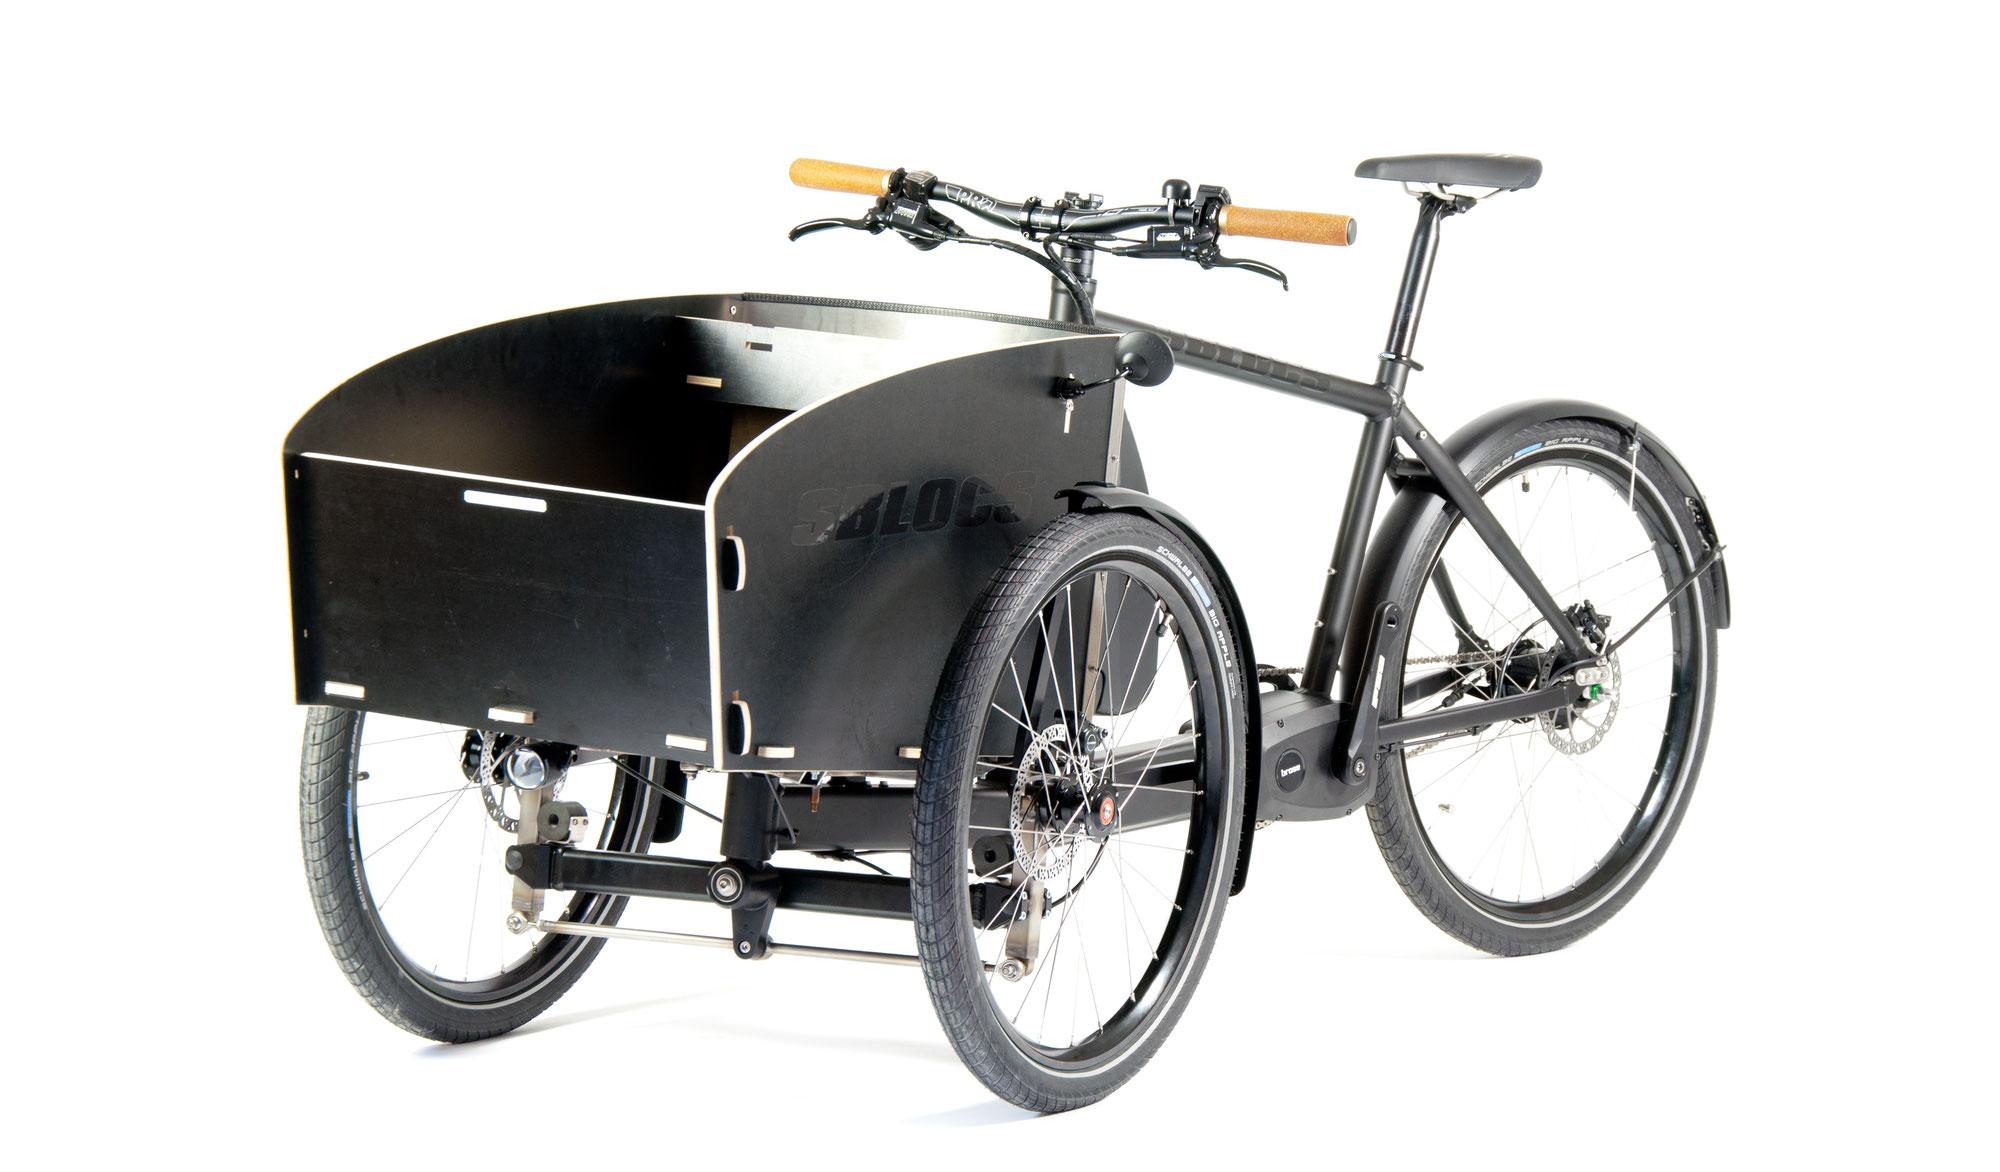 cargobikes mit Neigetechnik, die in jeder Hinsicht einfach bleiben